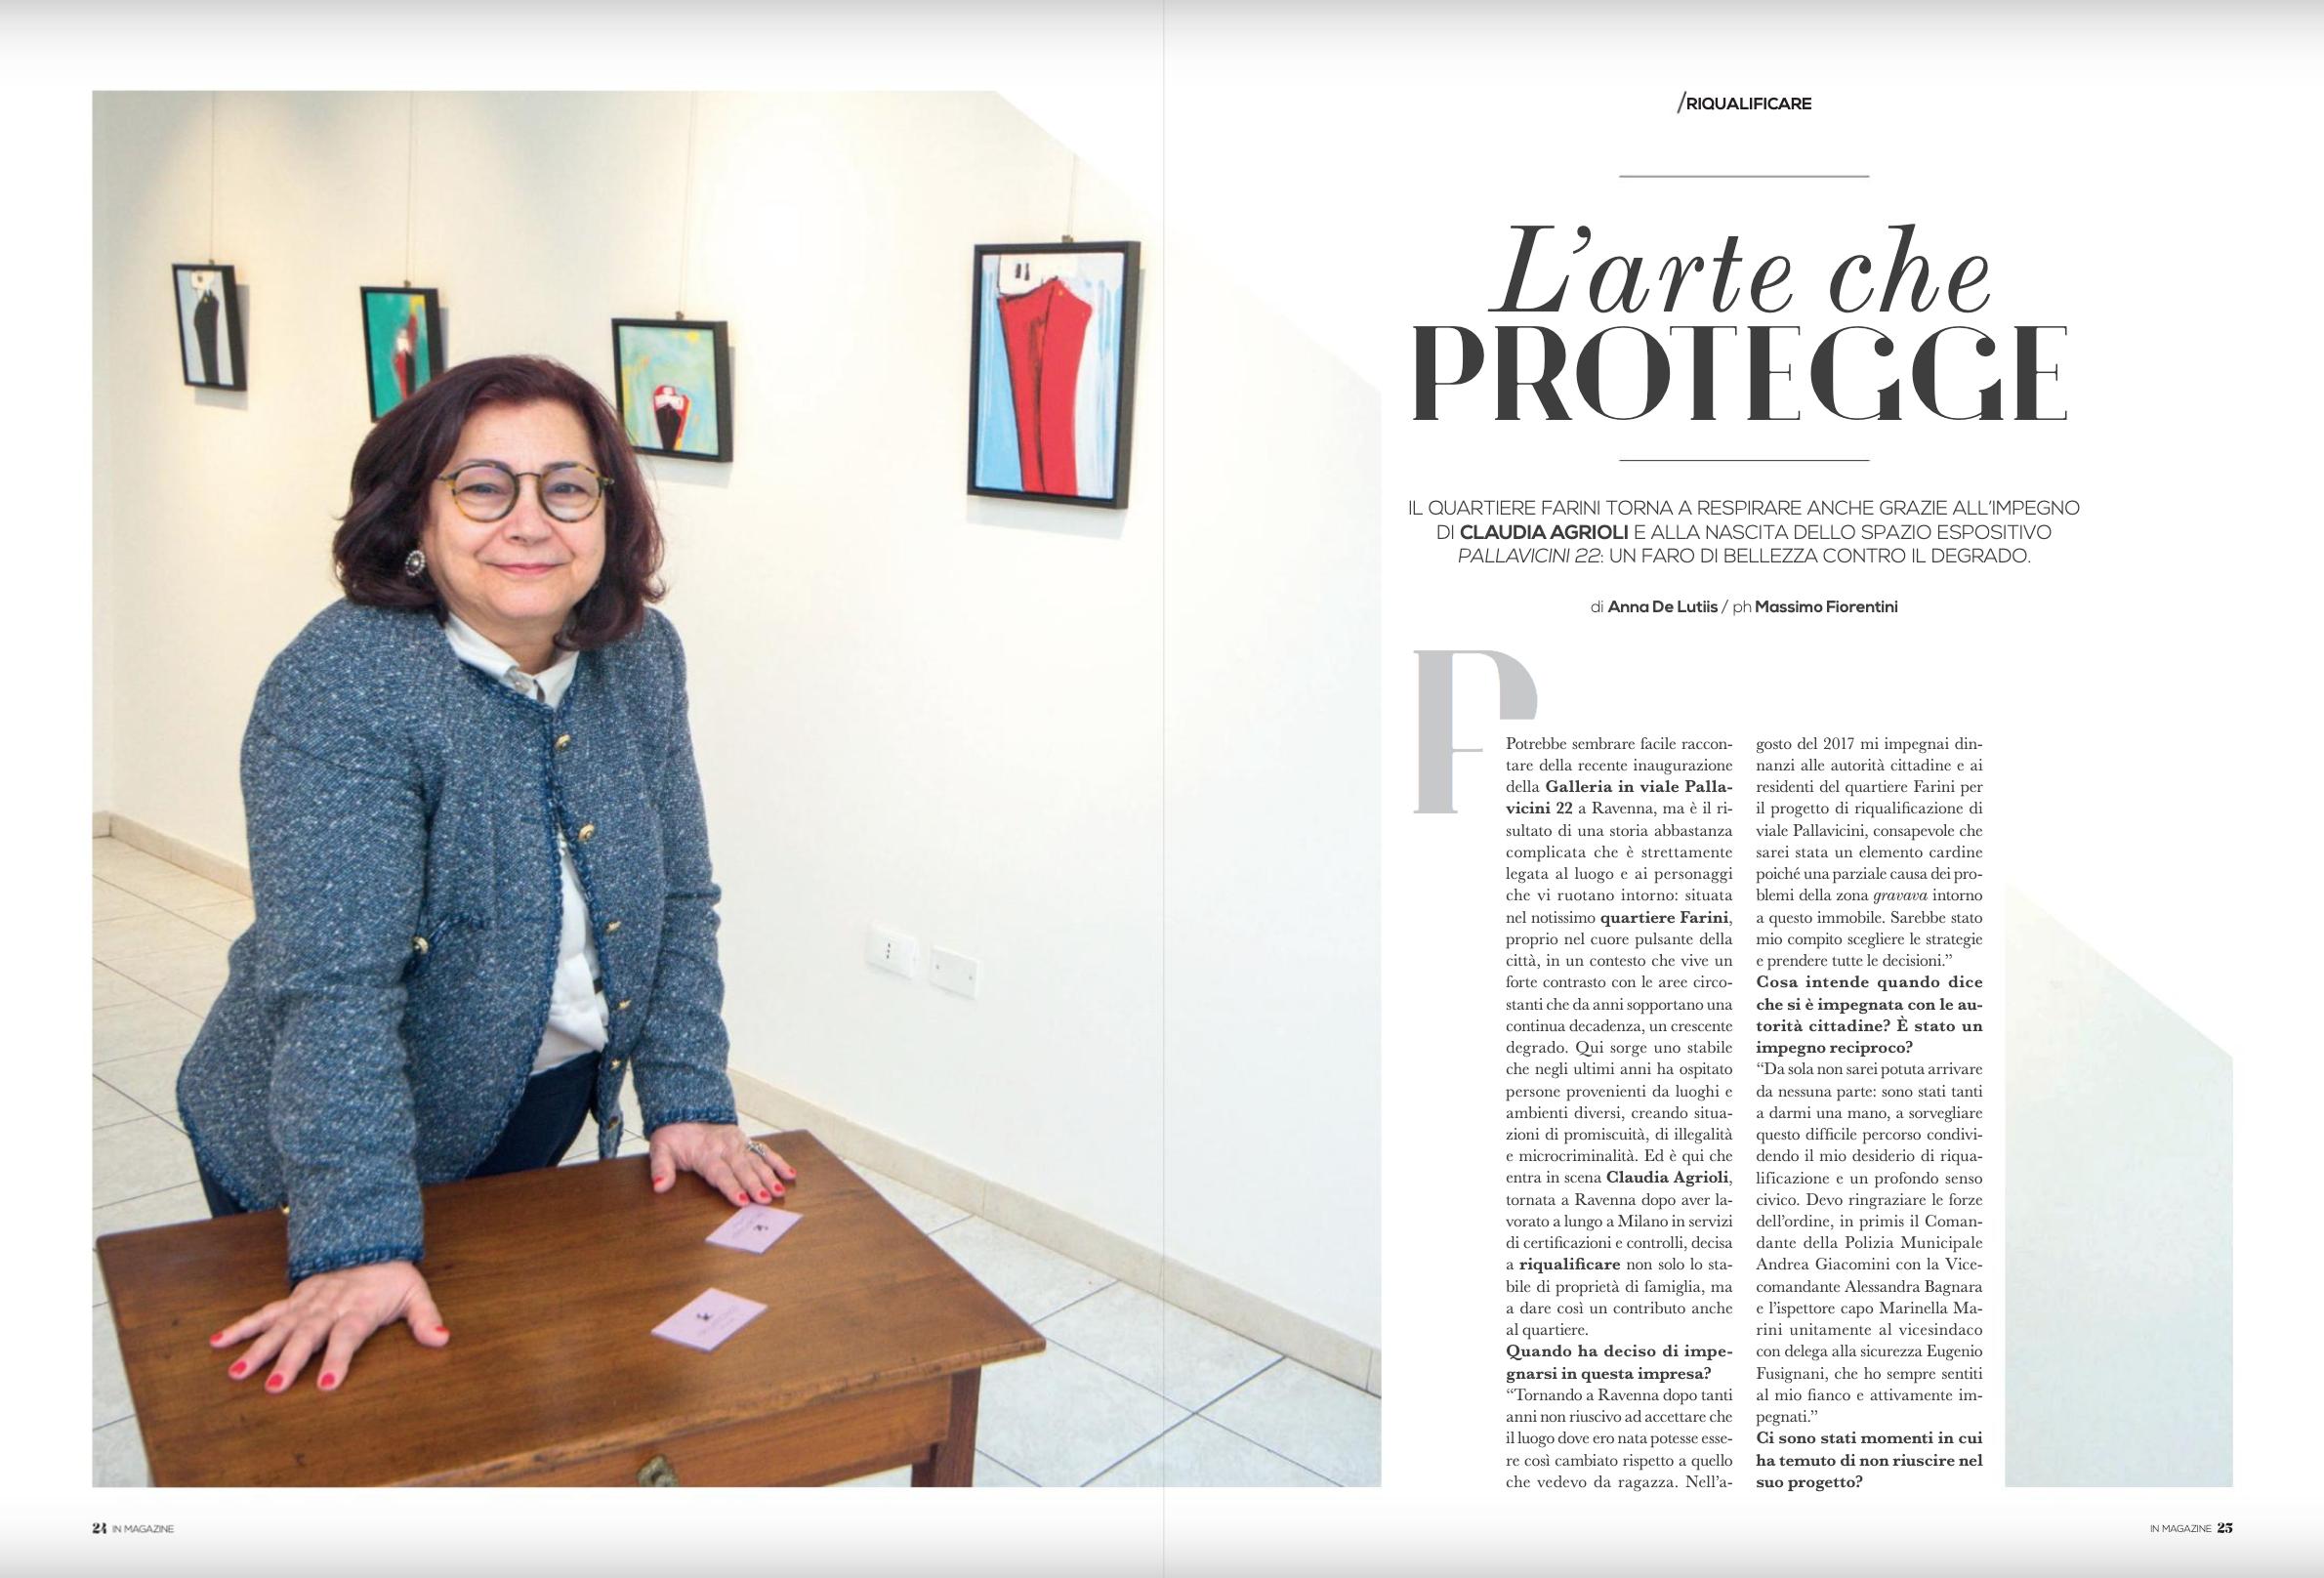 L'arte che protegge su IN Magazine Ravenna | Pallavicini22 spazio espositivo Ravenna